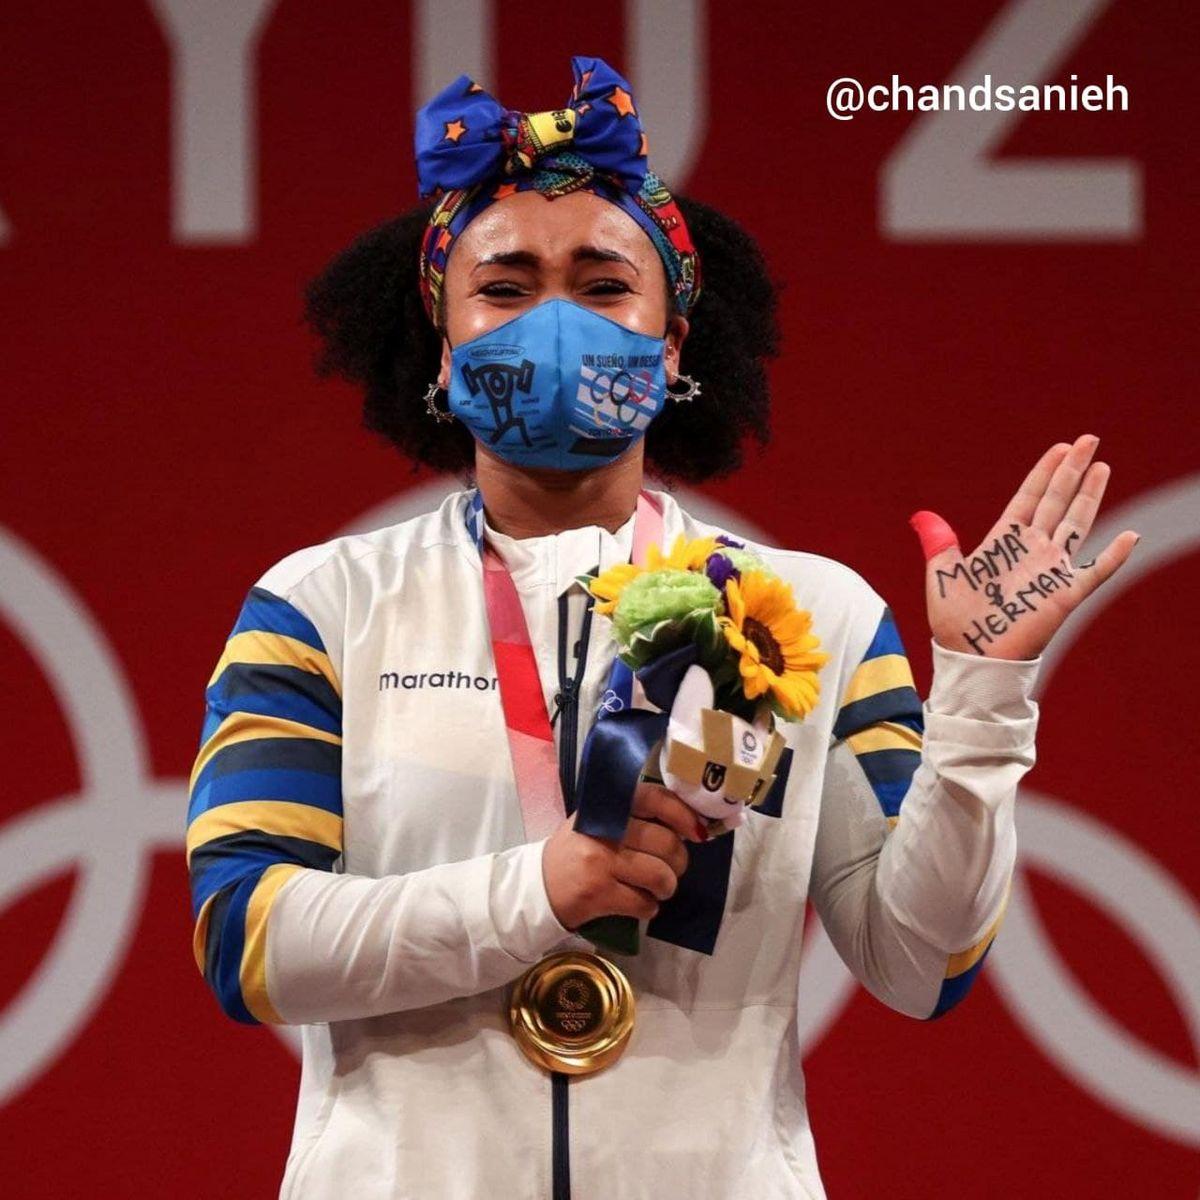 دست نوشته عجیب یک دختر المپیکی +عکس